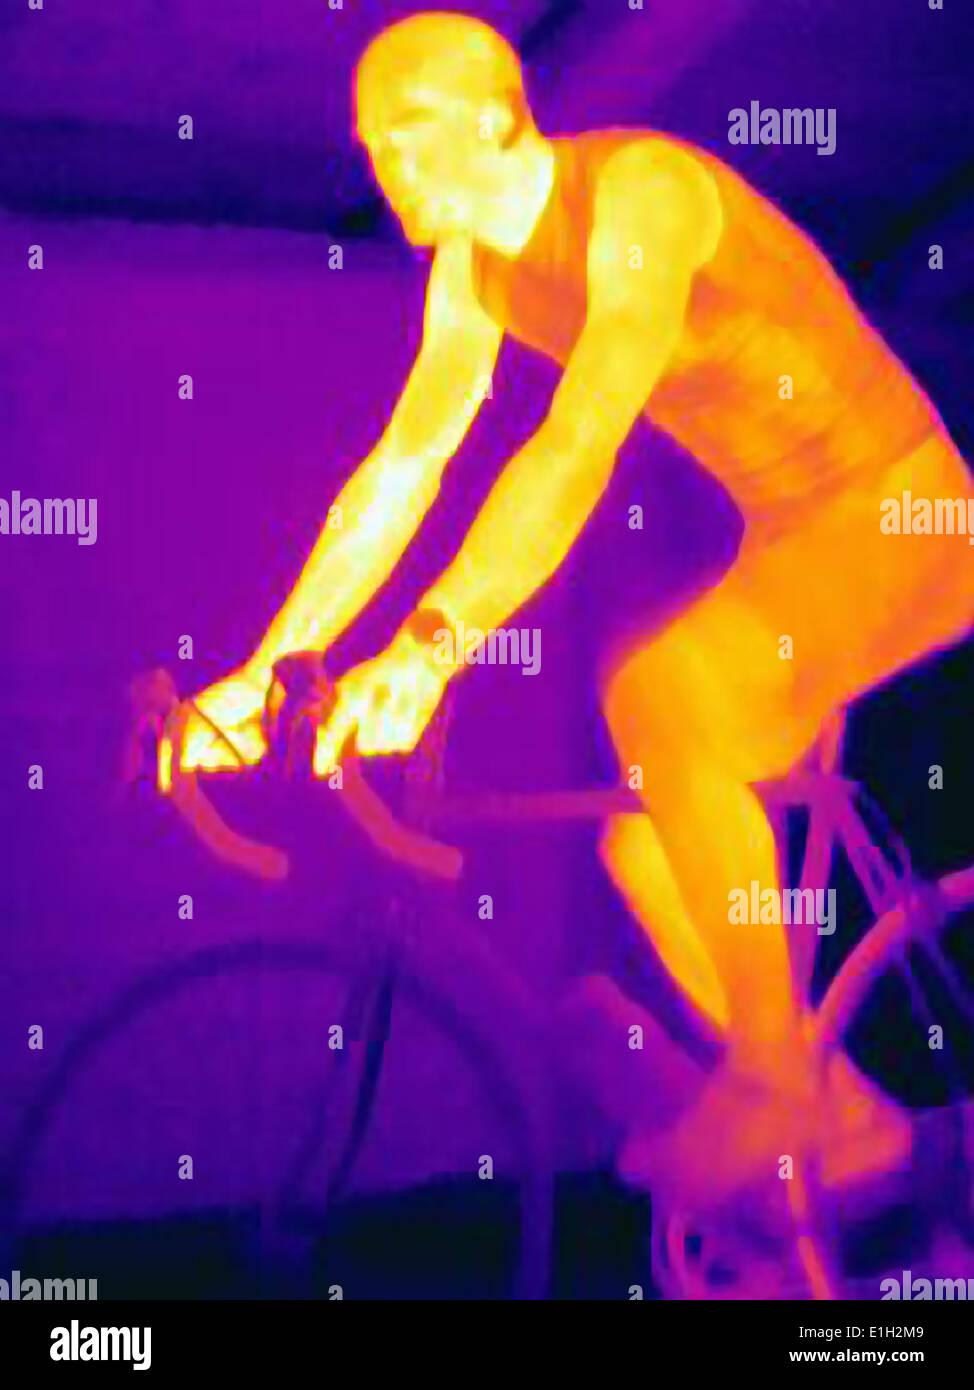 Immagine termica del giovane maschio ciclista in formazione, che mostra il calore dei muscoli e dei pneumatici di biciclette Immagini Stock